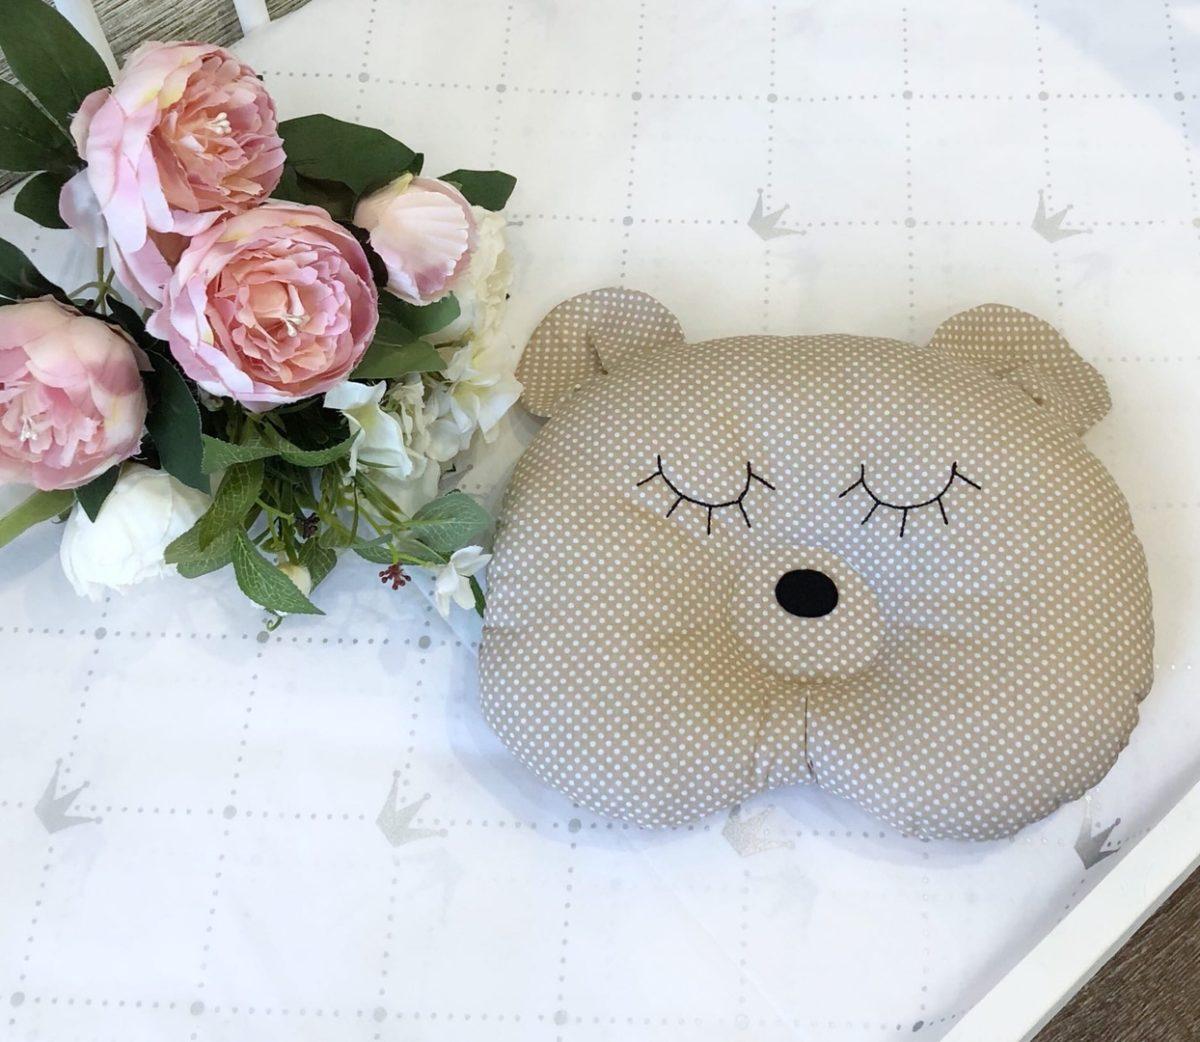 Подушка для мишка для новорожденных / арт. 10